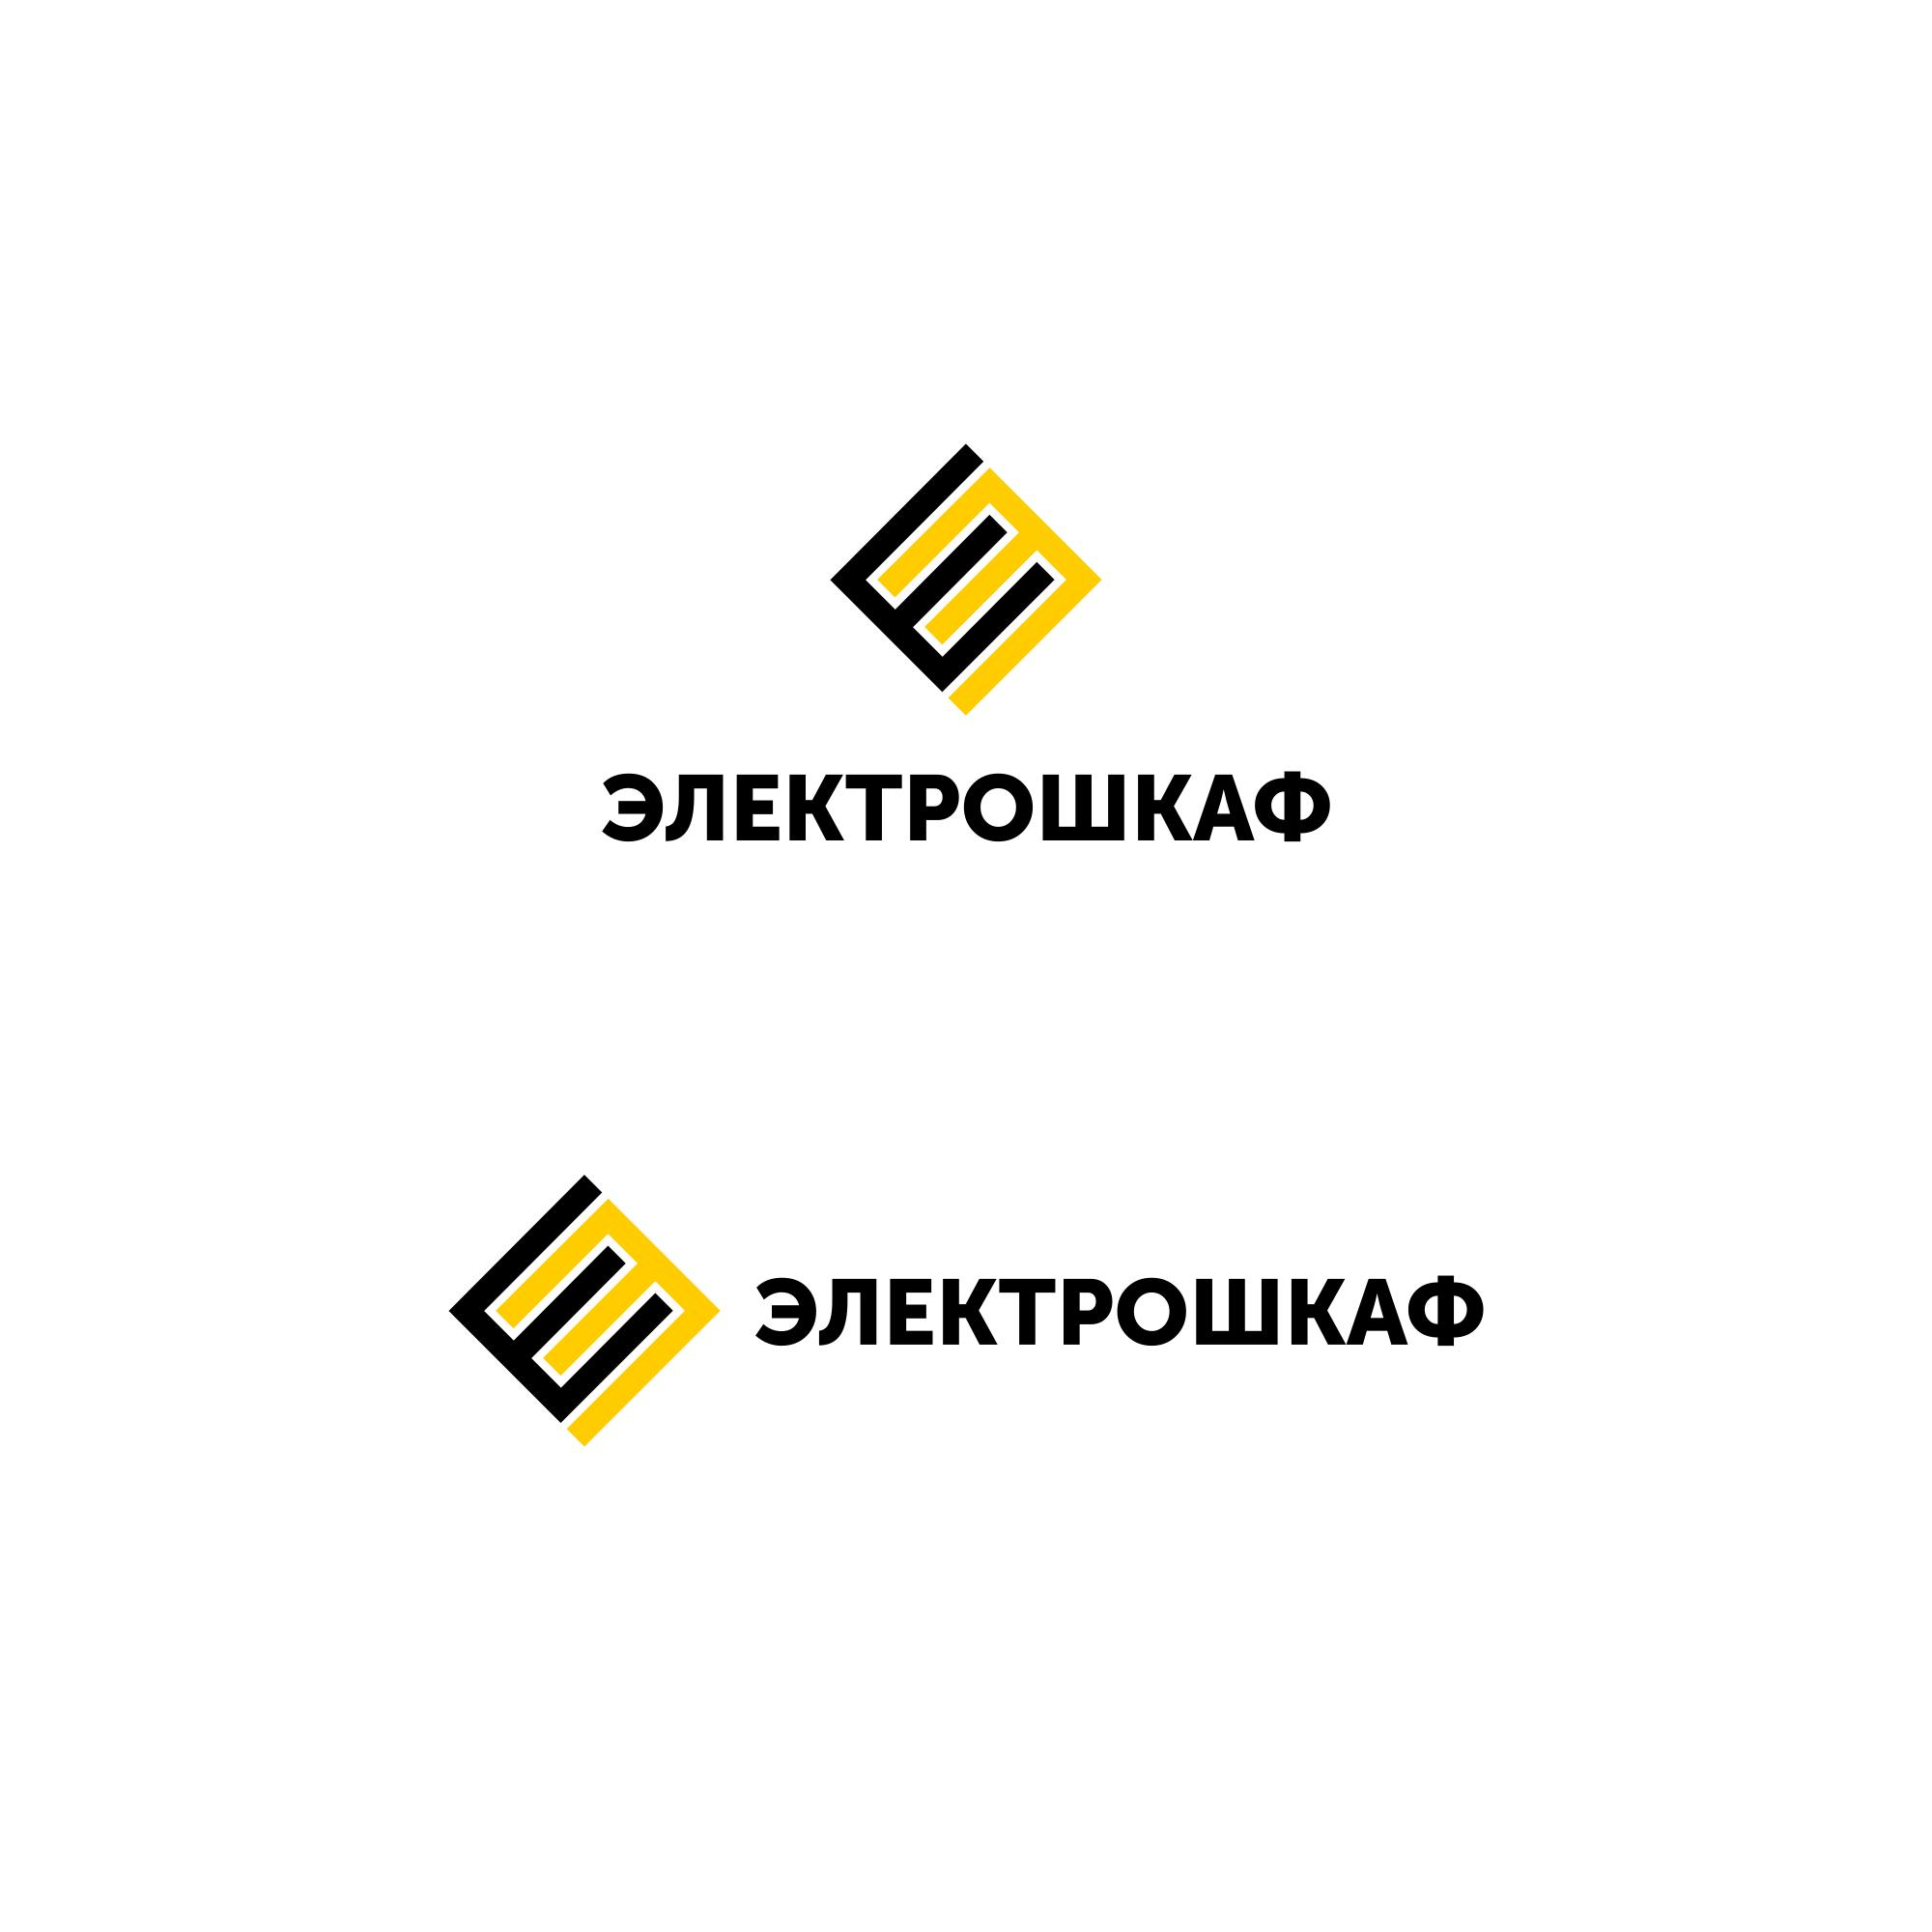 Разработать логотип для завода по производству электрощитов фото f_3975b6e02716975e.png